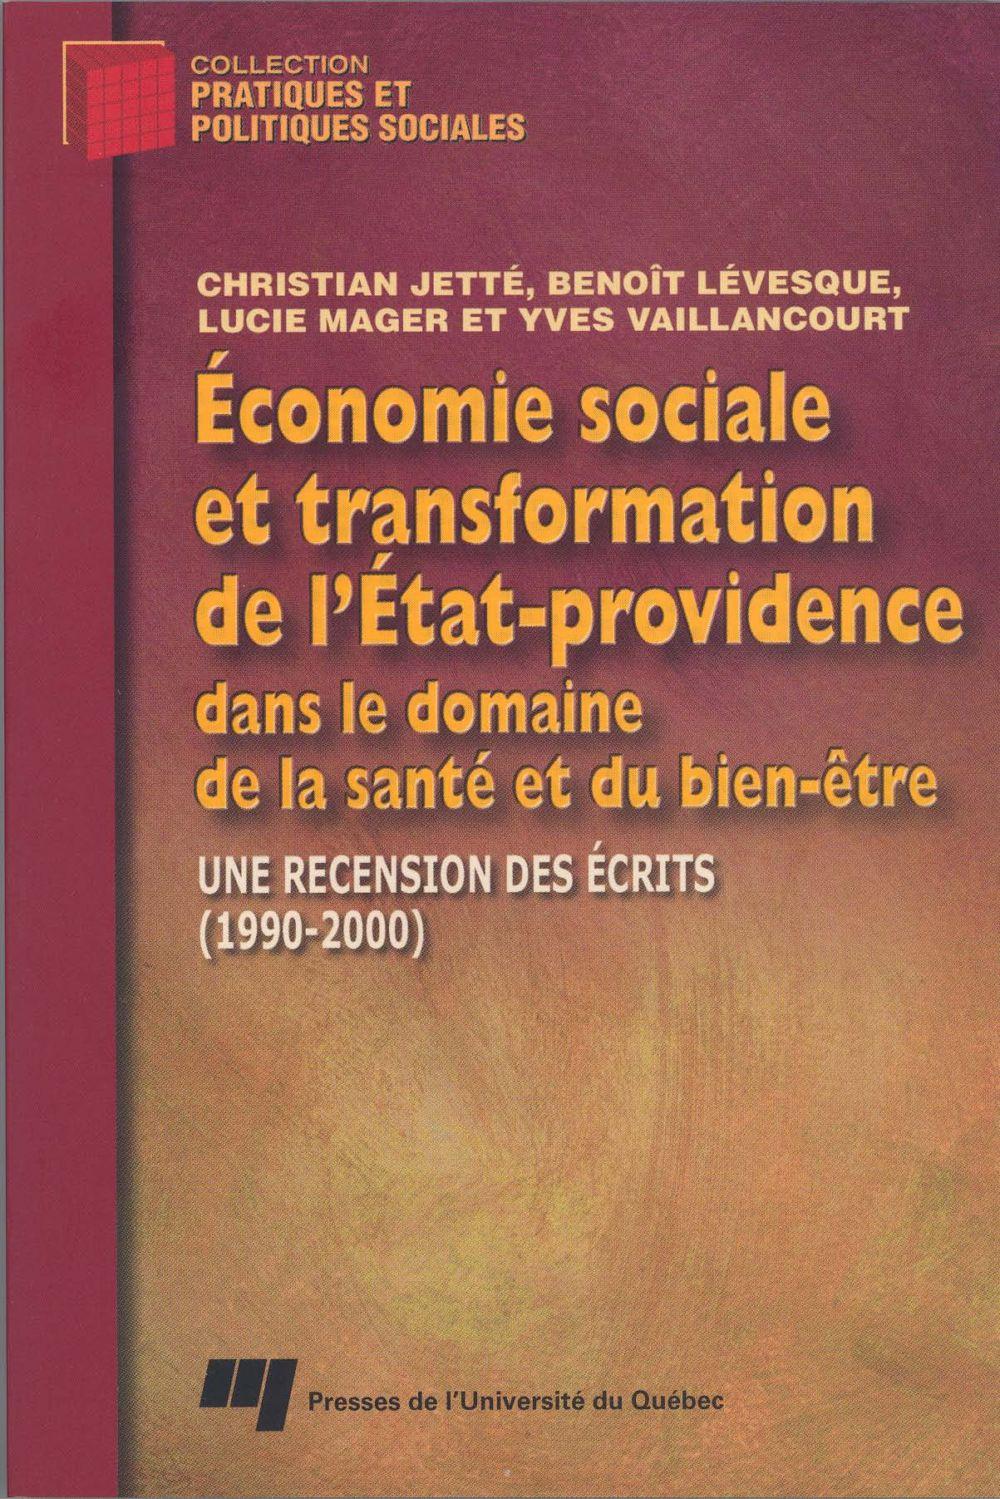 Économie sociale et transformation de l'État-providence dans le domaine de la santé et du bien-être